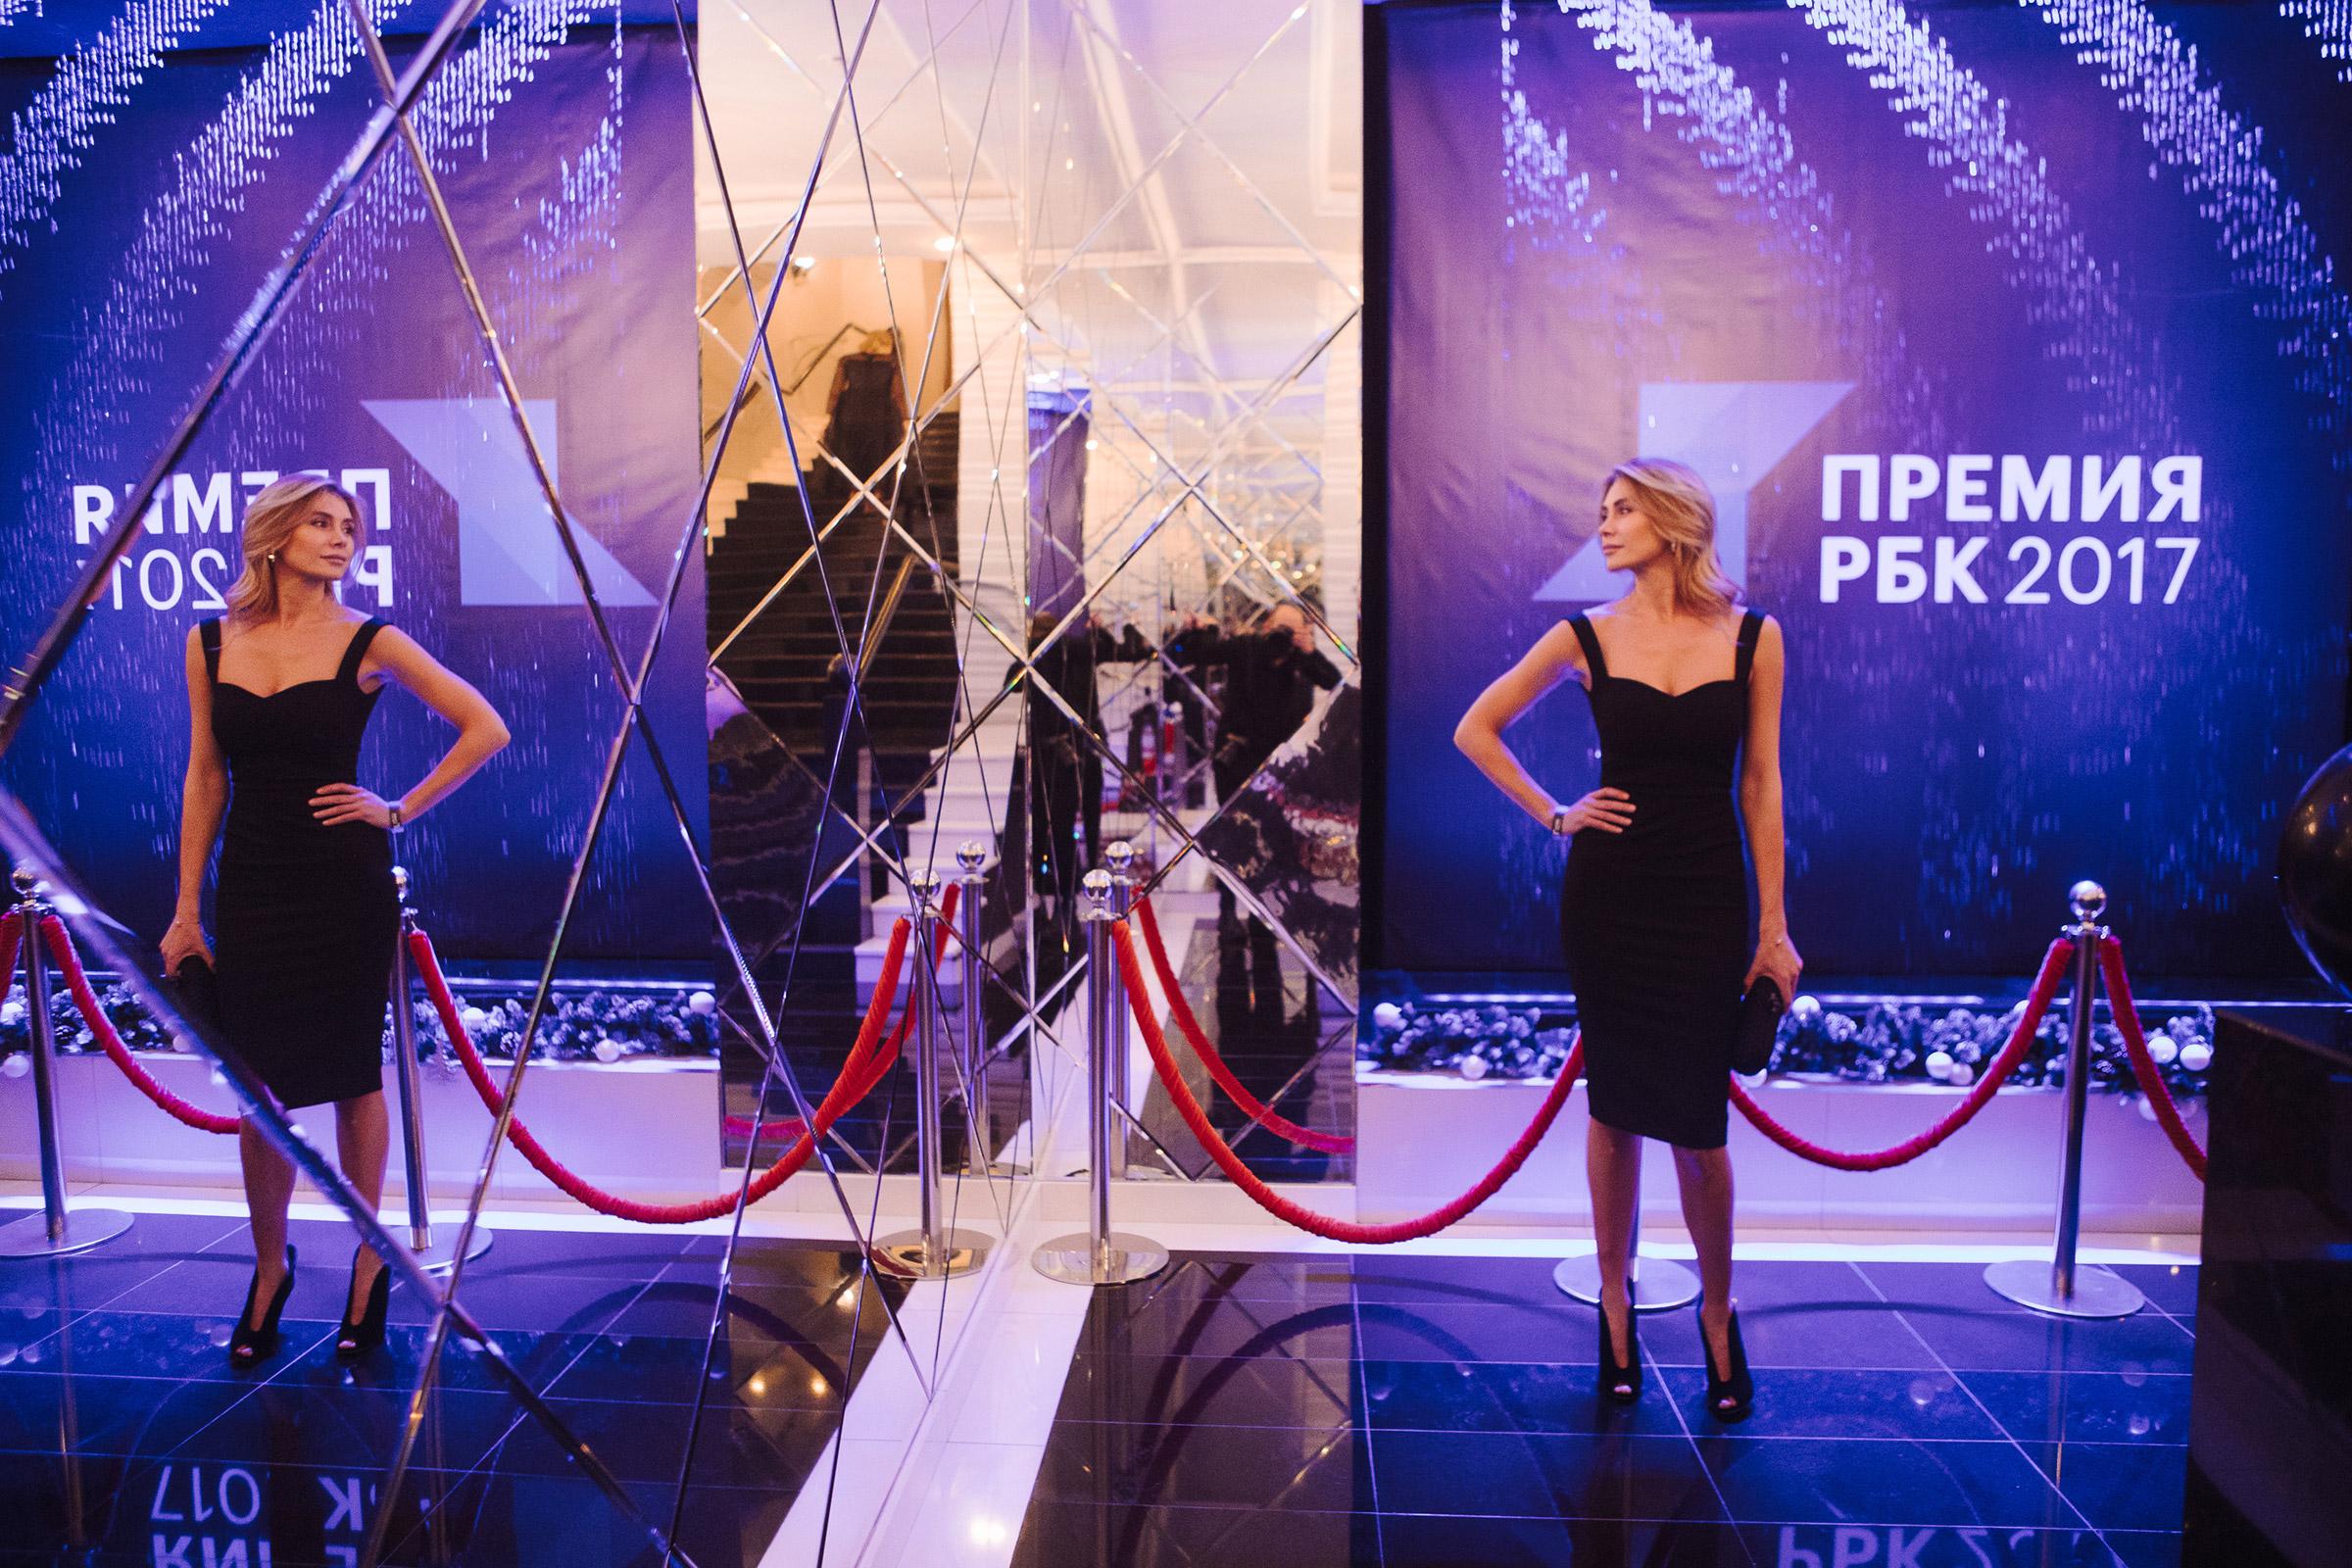 Премия РБК-2017 прошла в Москве в «Геликон-опере» 6 декабря